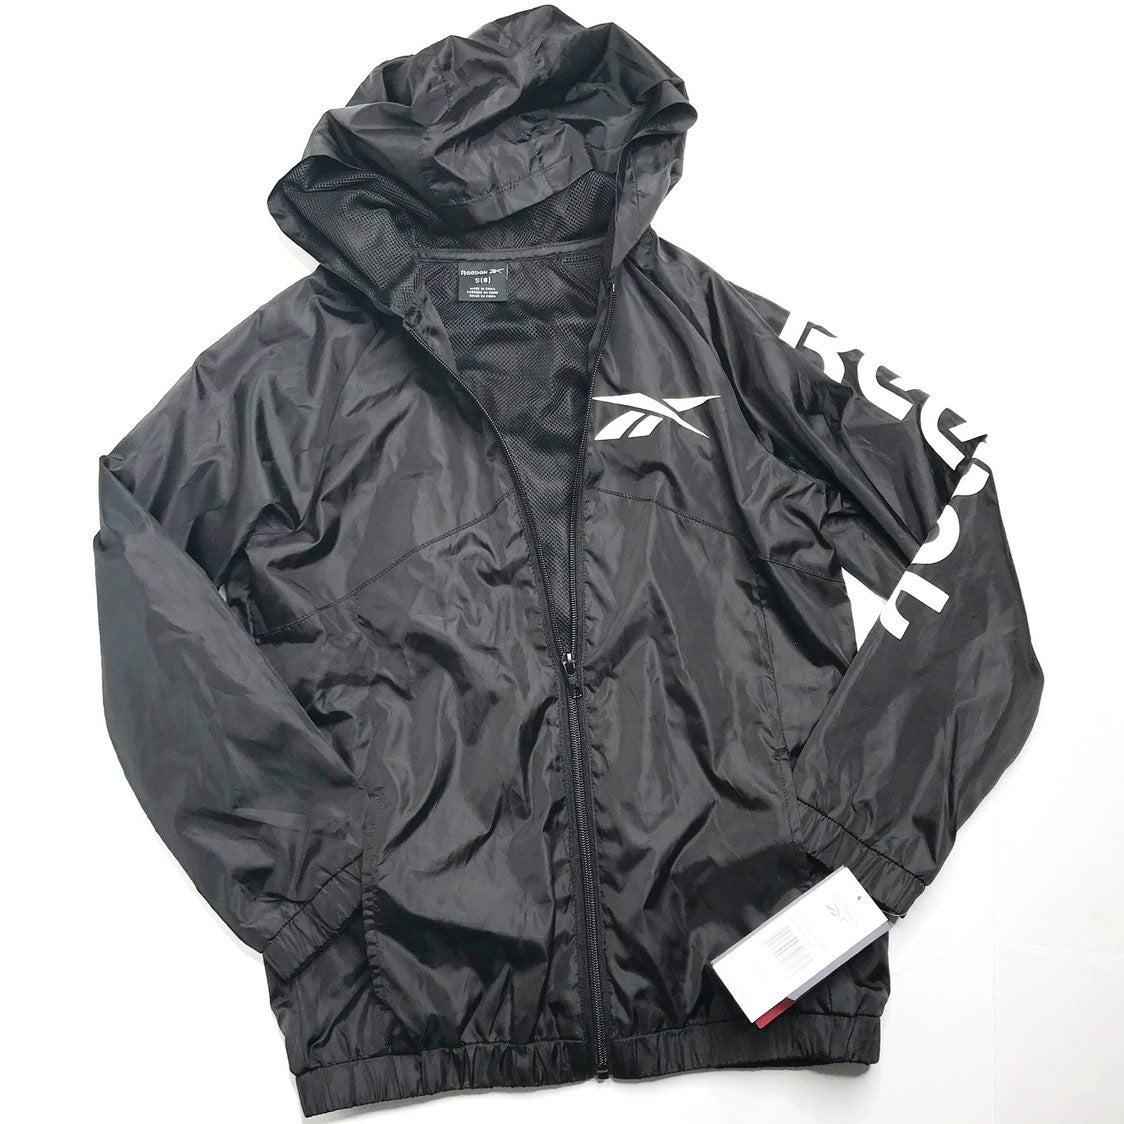 Youth Small REEBOK Windbreaker Jacket